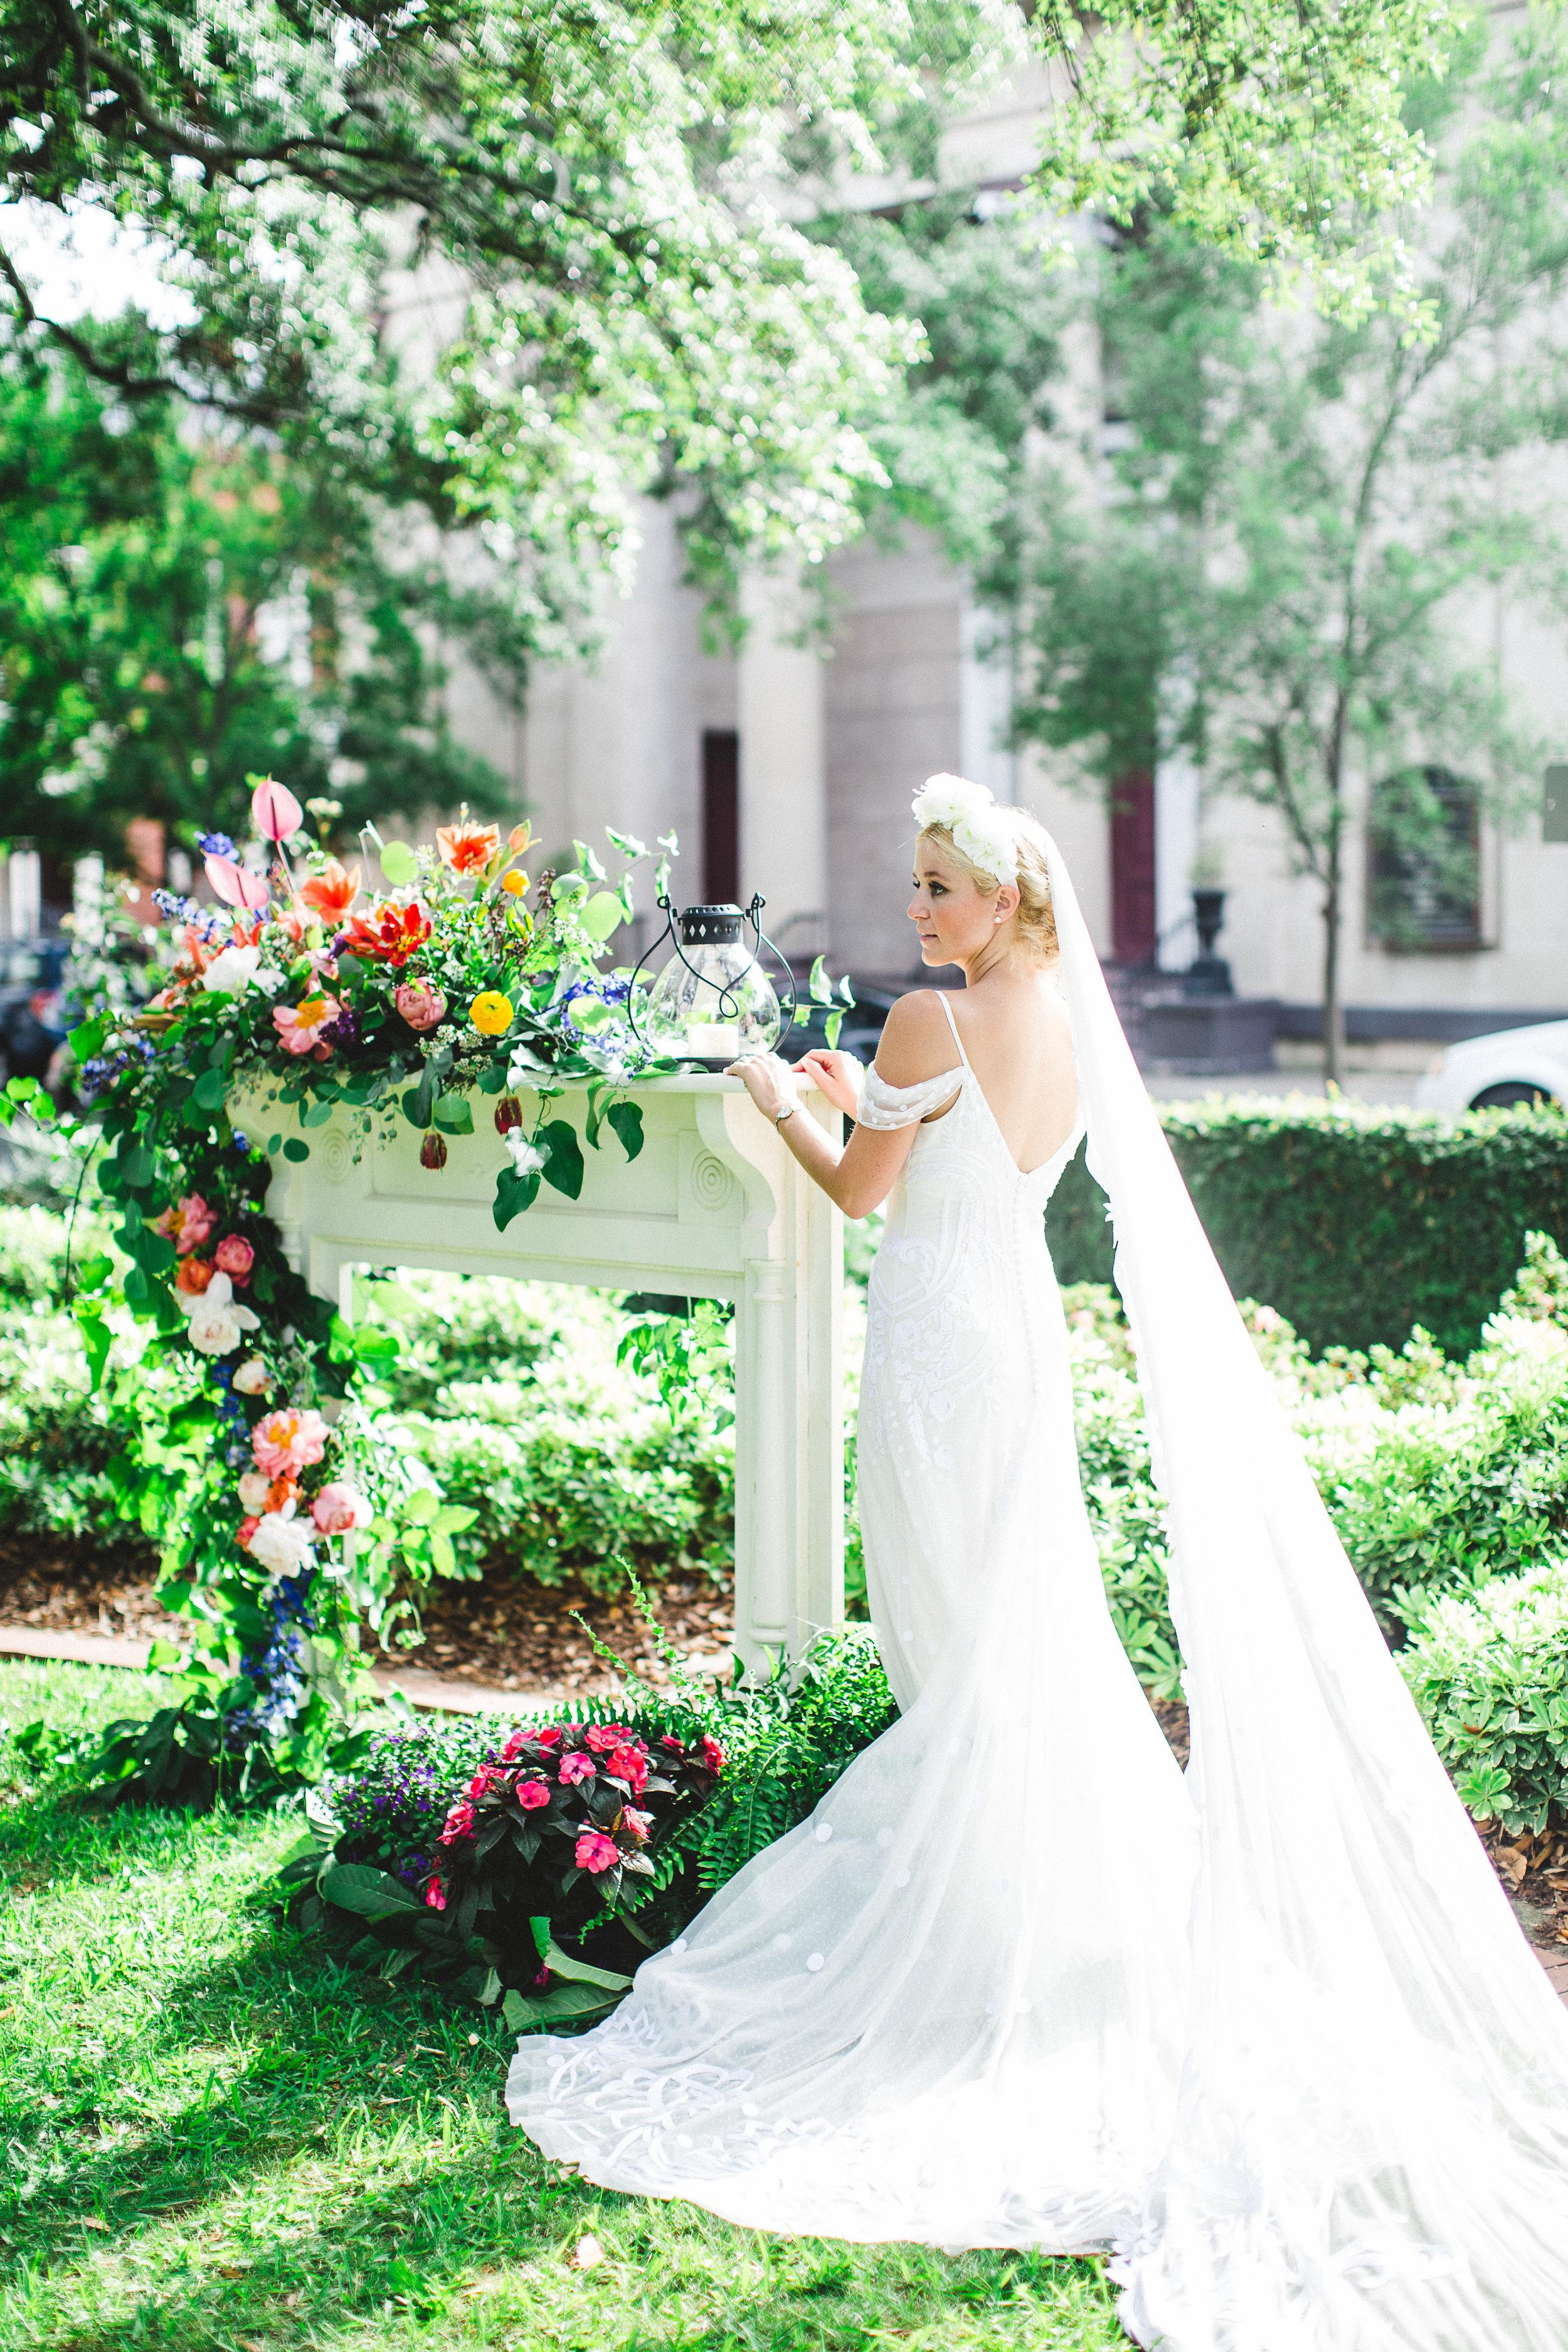 mansion-on-forsyth-park-wedding-28.jpg